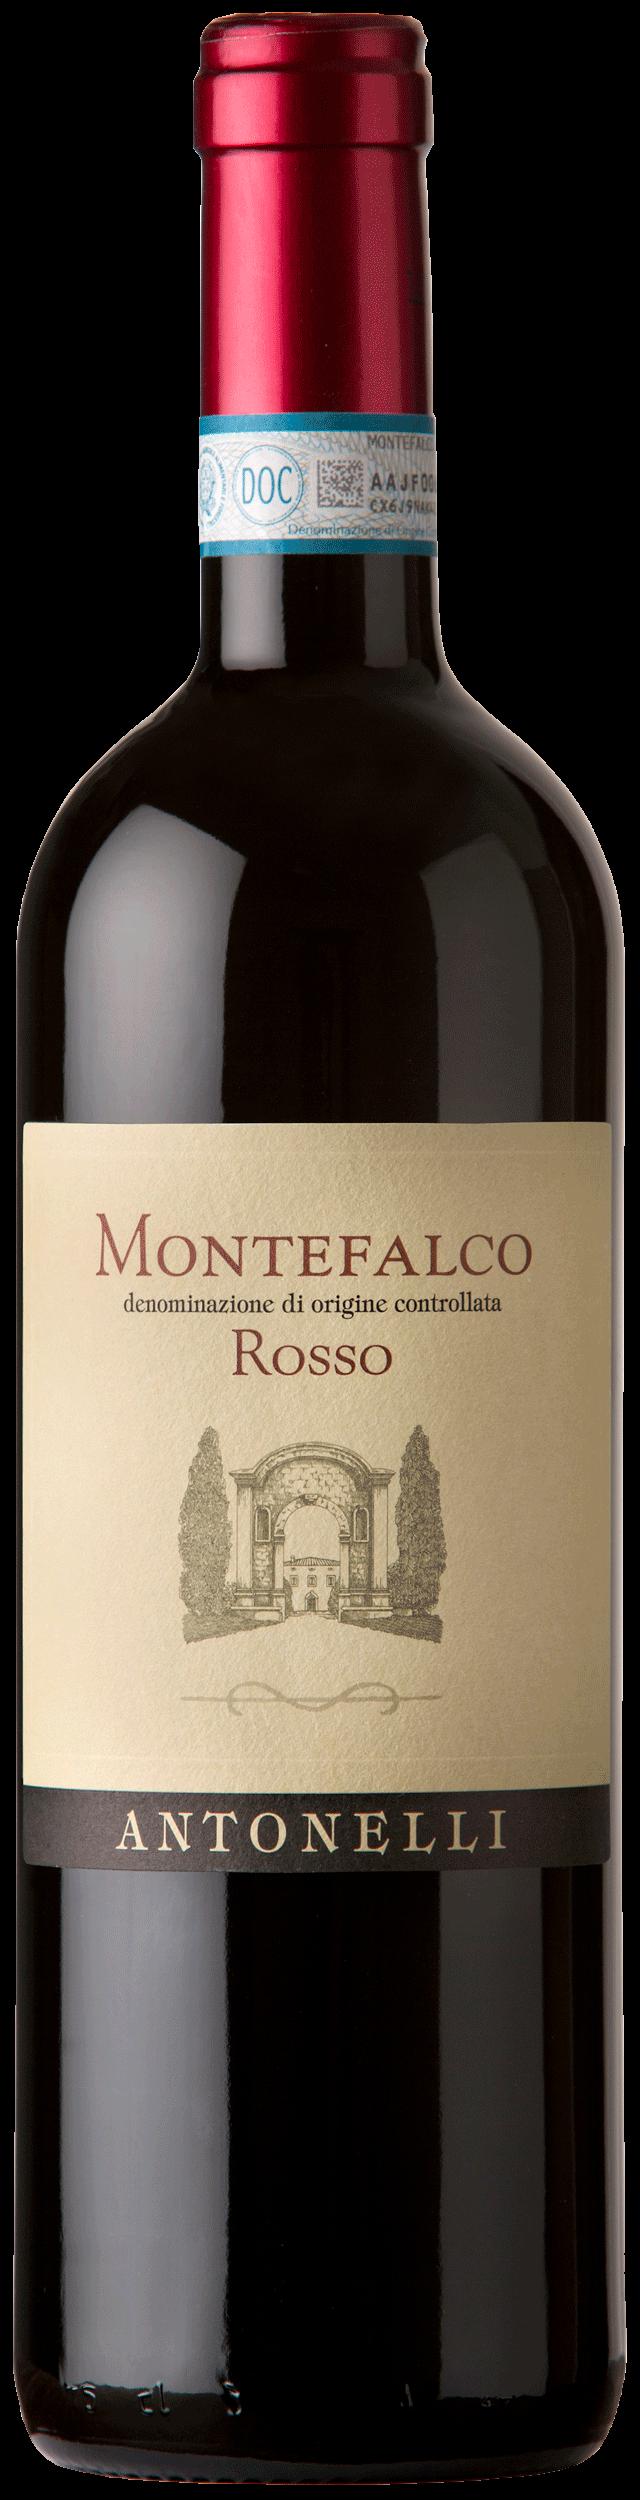 Montefalco Rosso DOC 2015